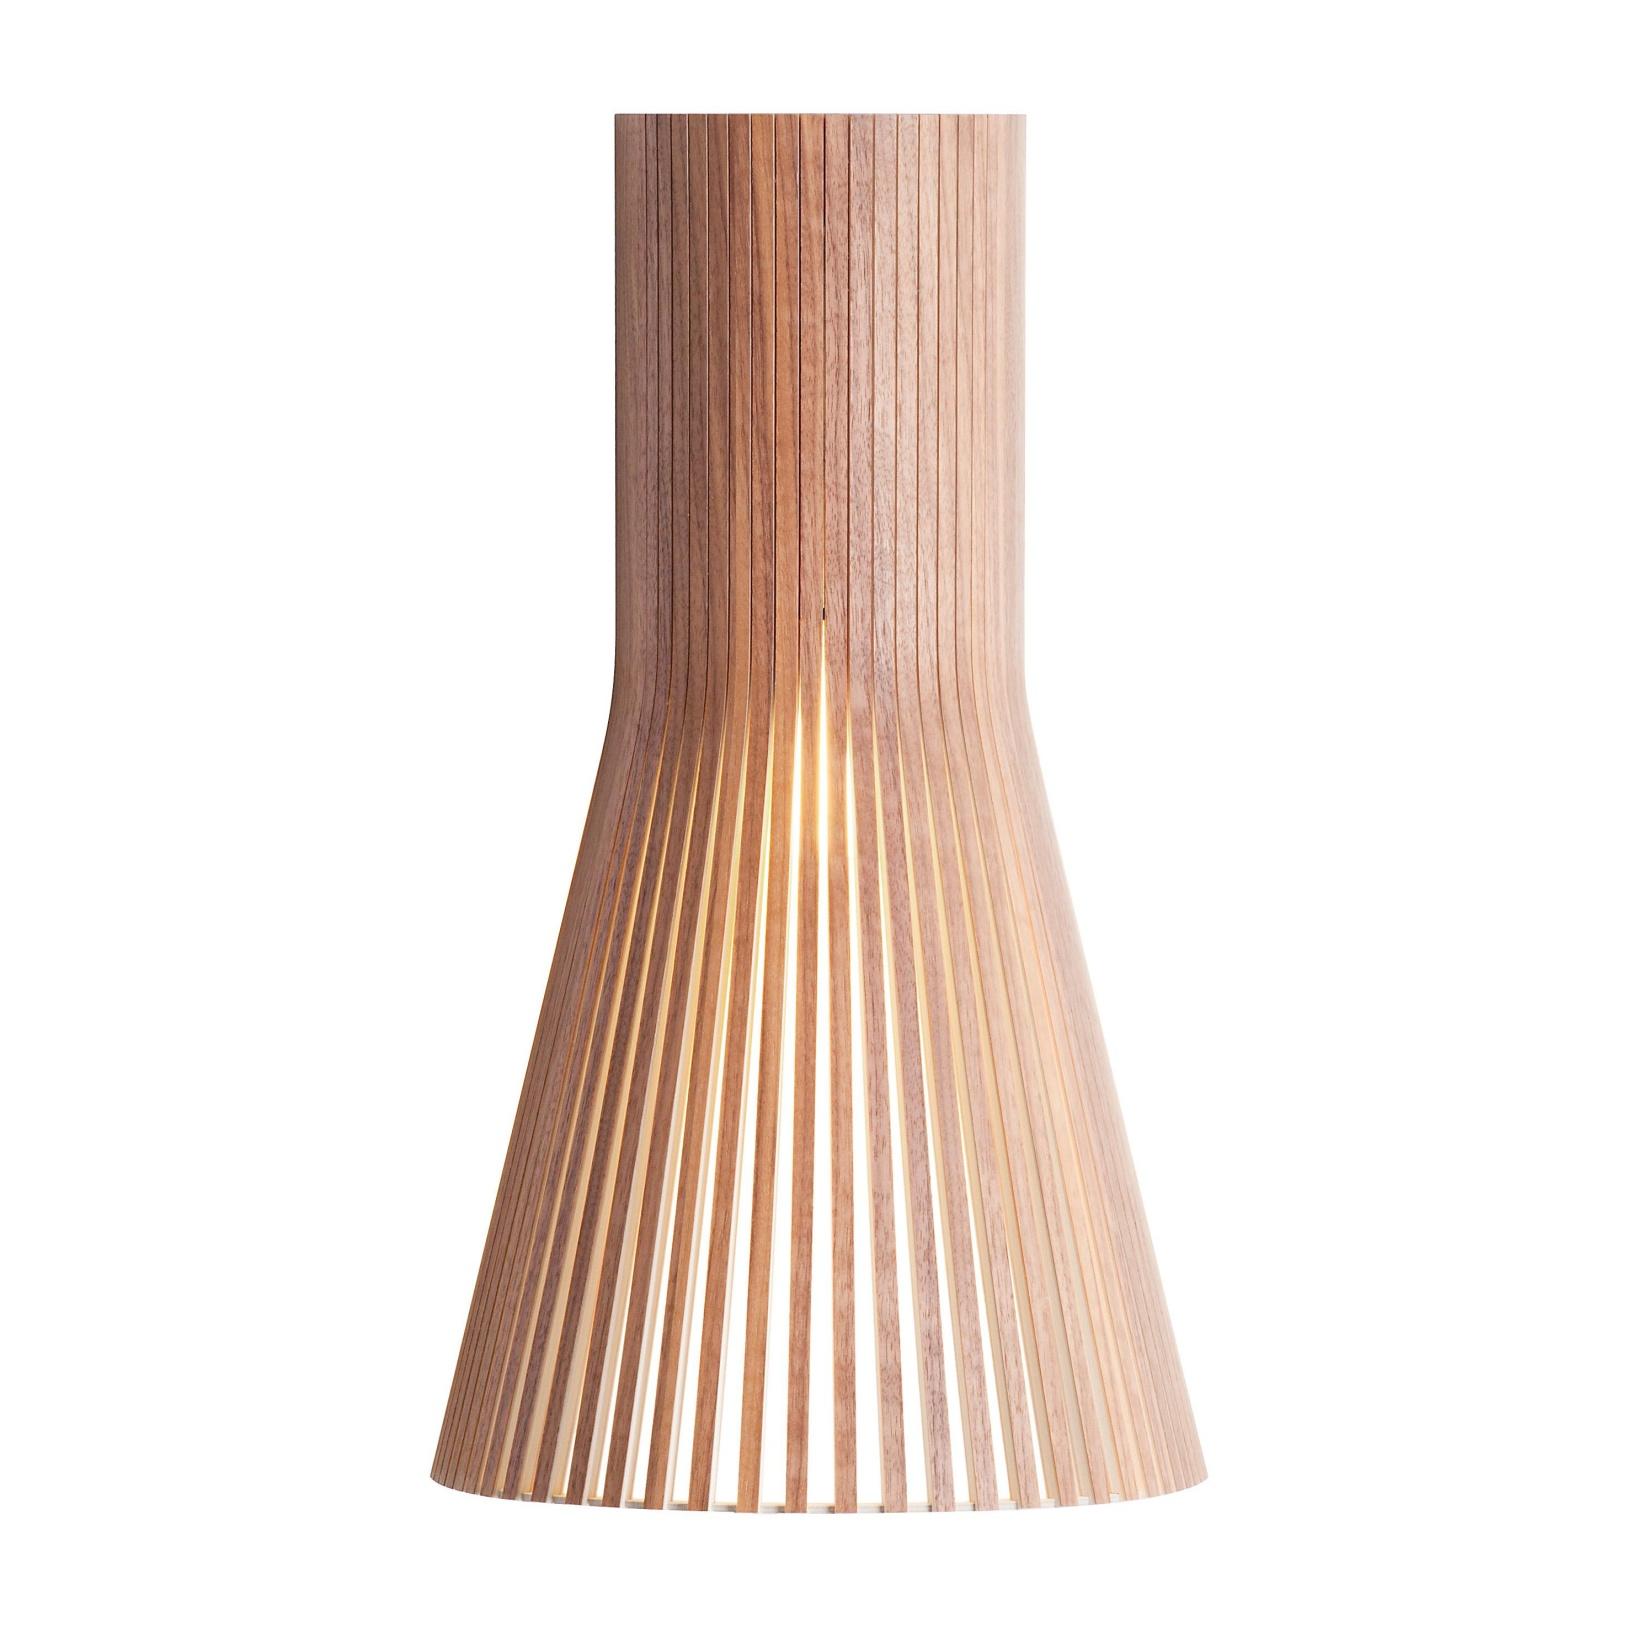 Secto Design - Secto 4231 - Applique Murale - noix naturel/feuille de placage/incl. ampoule LED 2800K/470lm/câble blanc